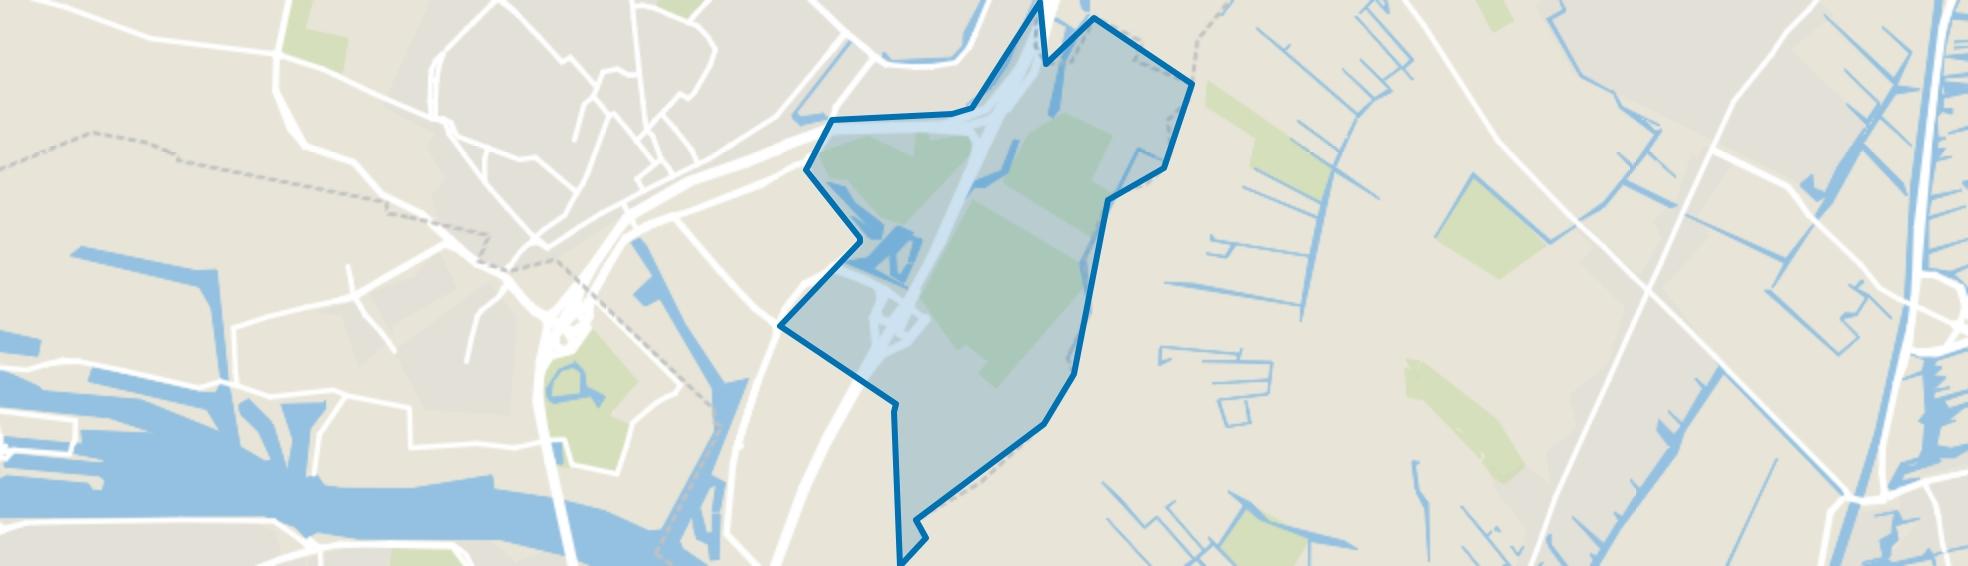 Wijkerbroek, Beverwijk map